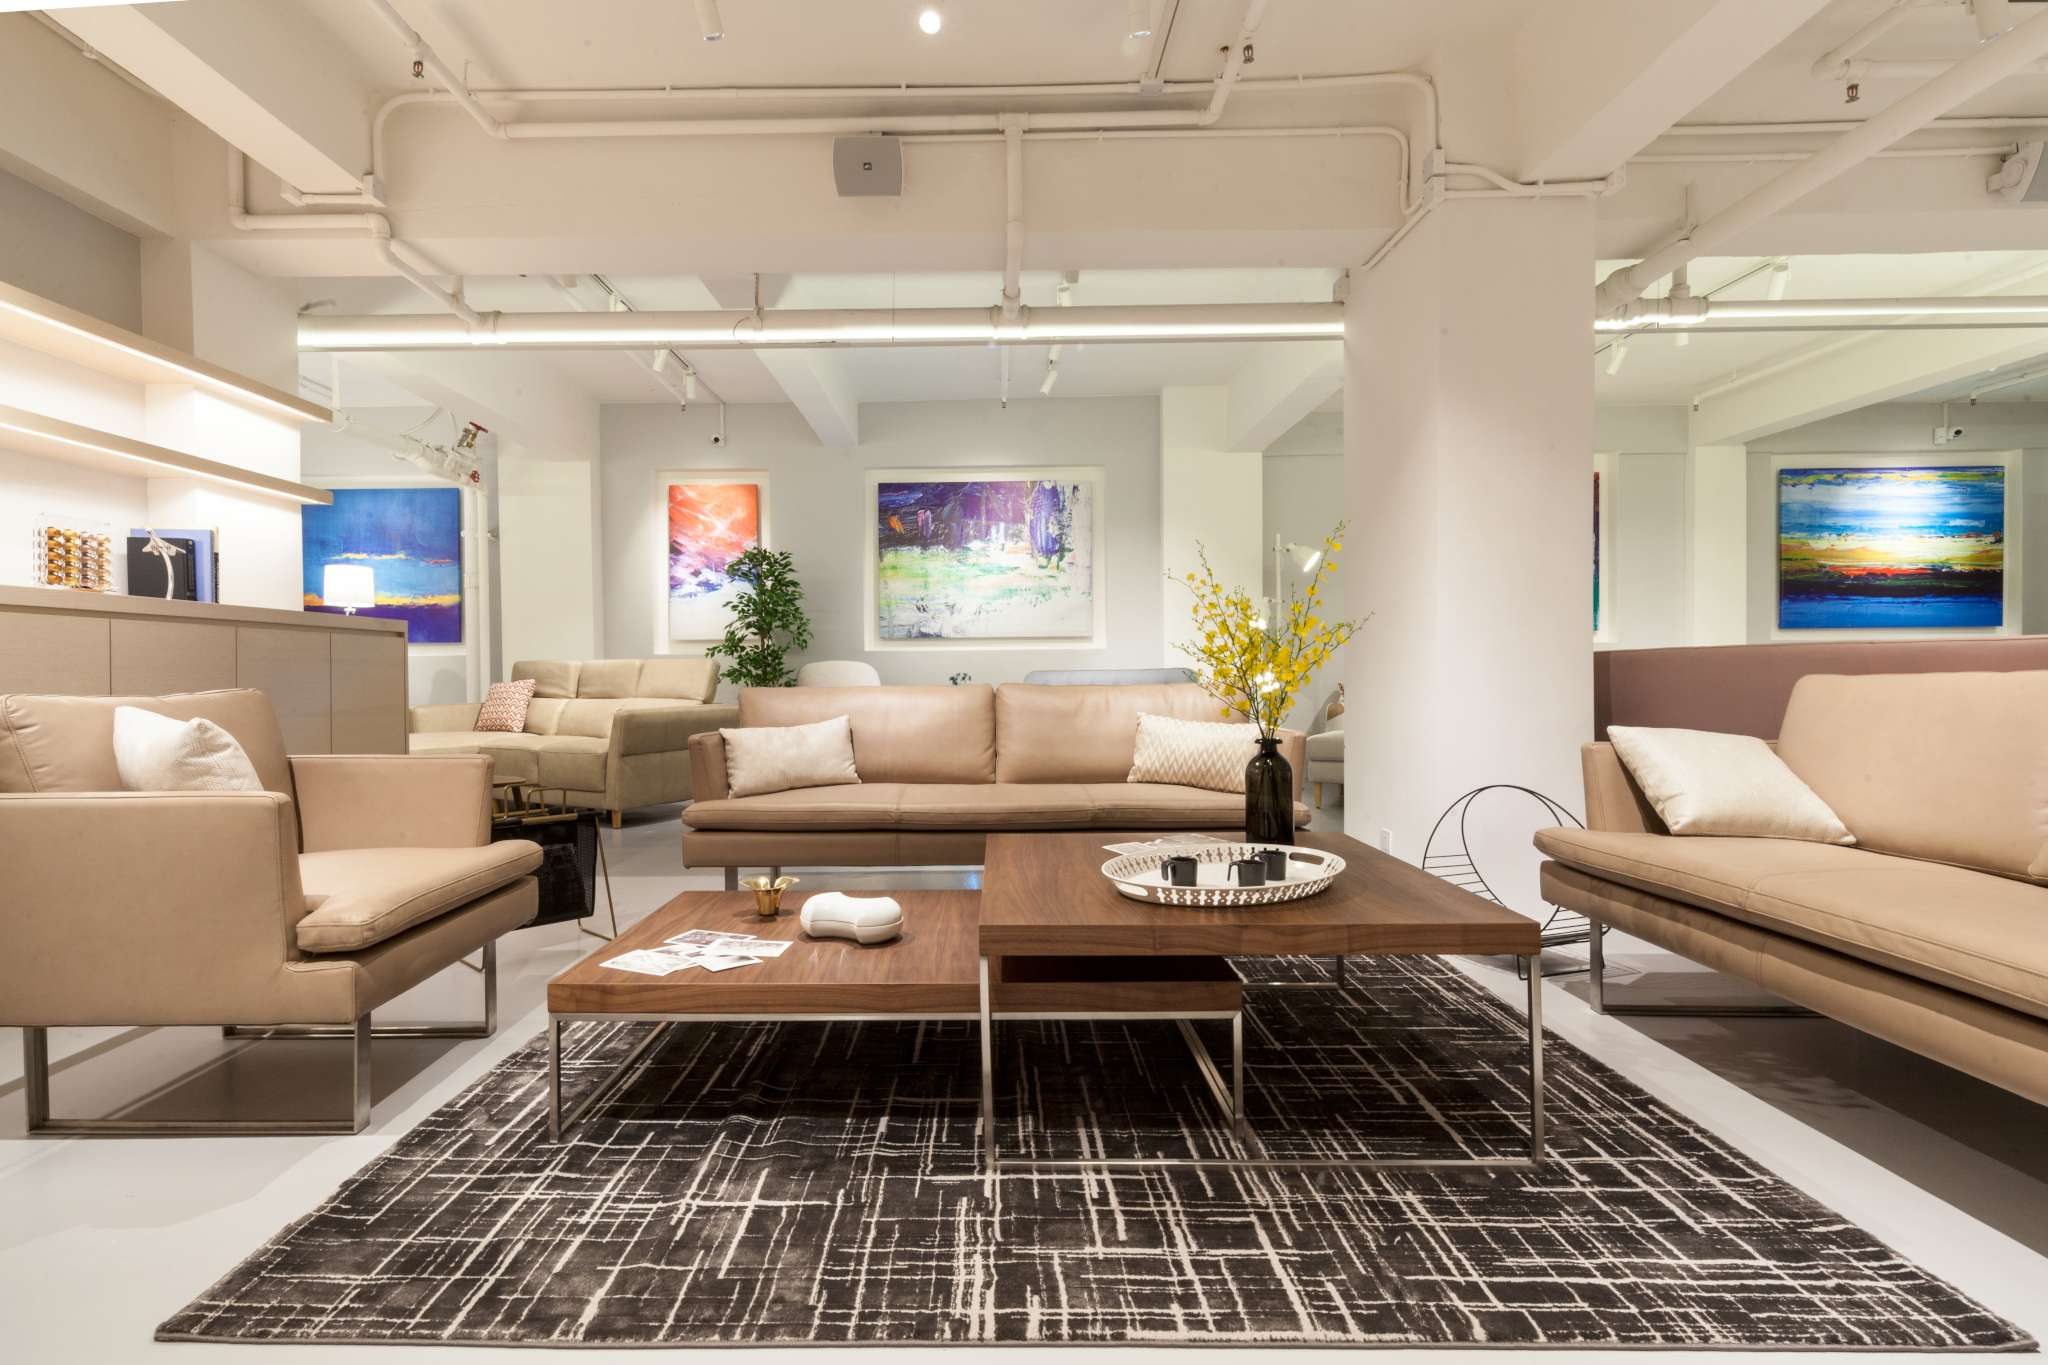 morrisofa concept store clifton leung design workshop. Black Bedroom Furniture Sets. Home Design Ideas